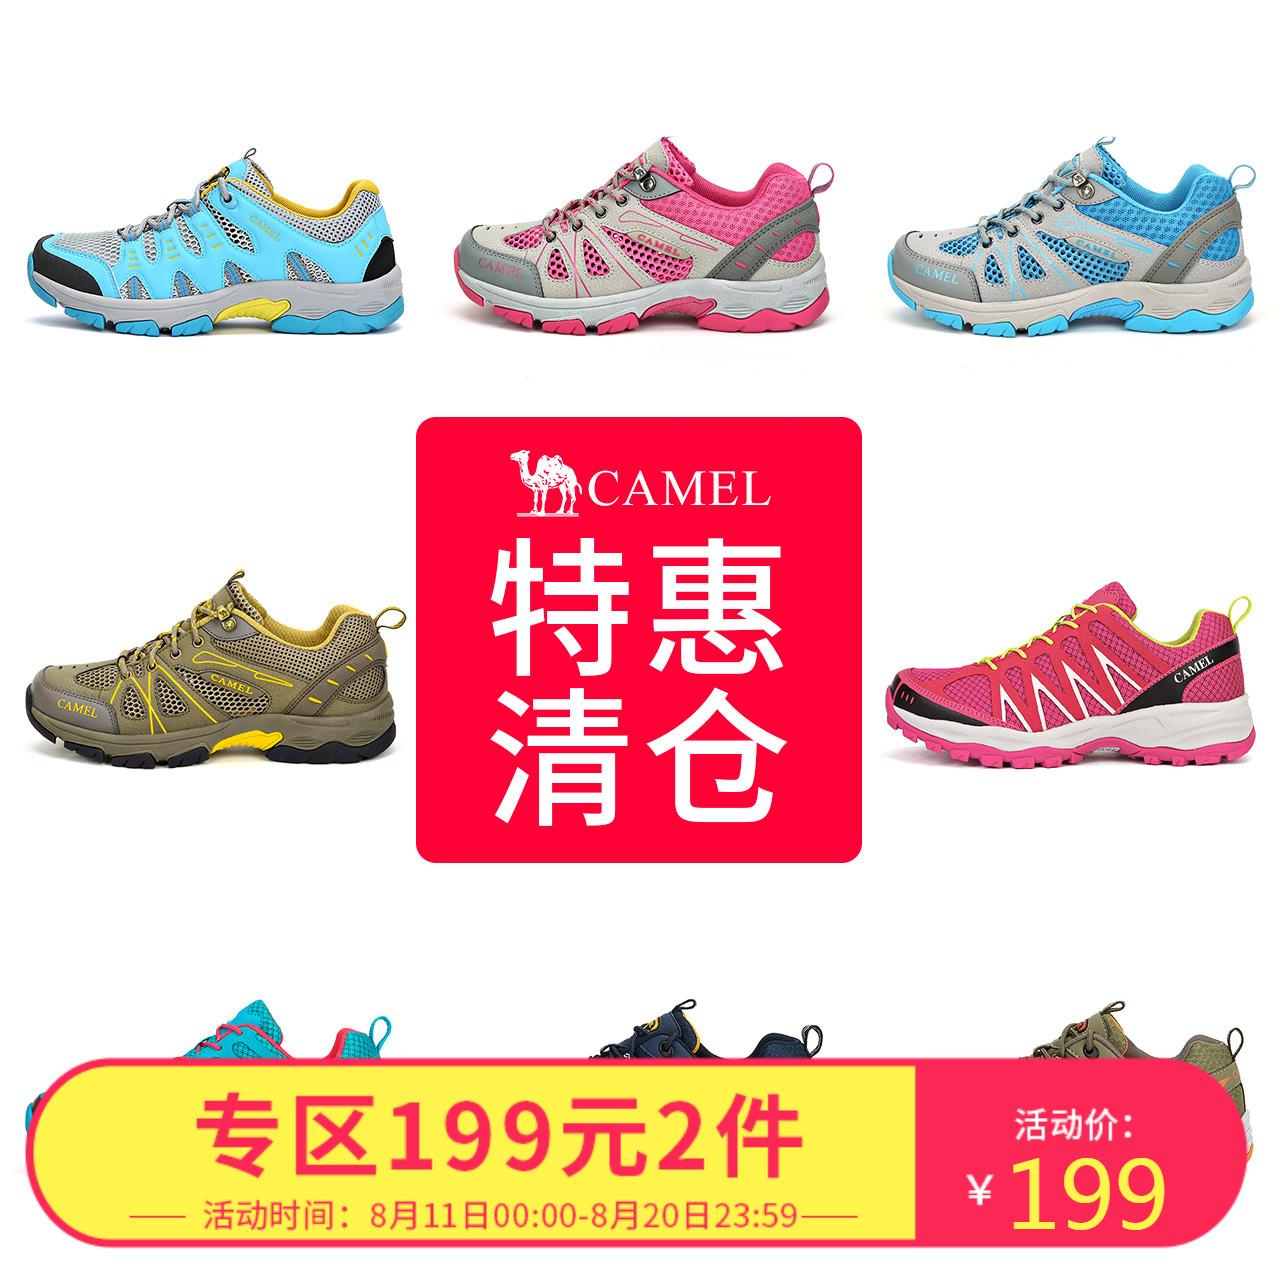 【断码清仓】骆驼户外登山鞋男女 透气耐磨防滑低帮徒步鞋网鞋夏